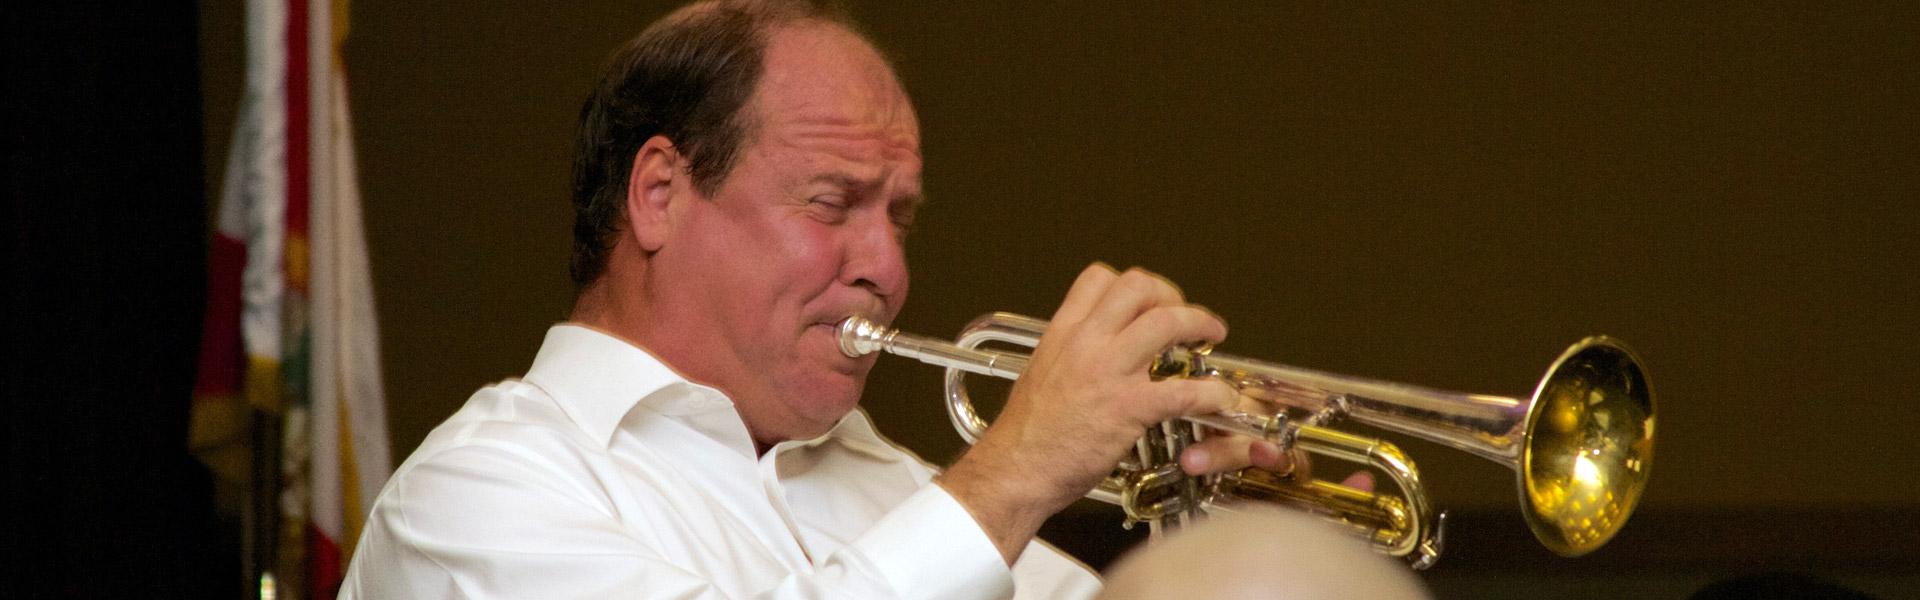 Latin Jazz in South Florida